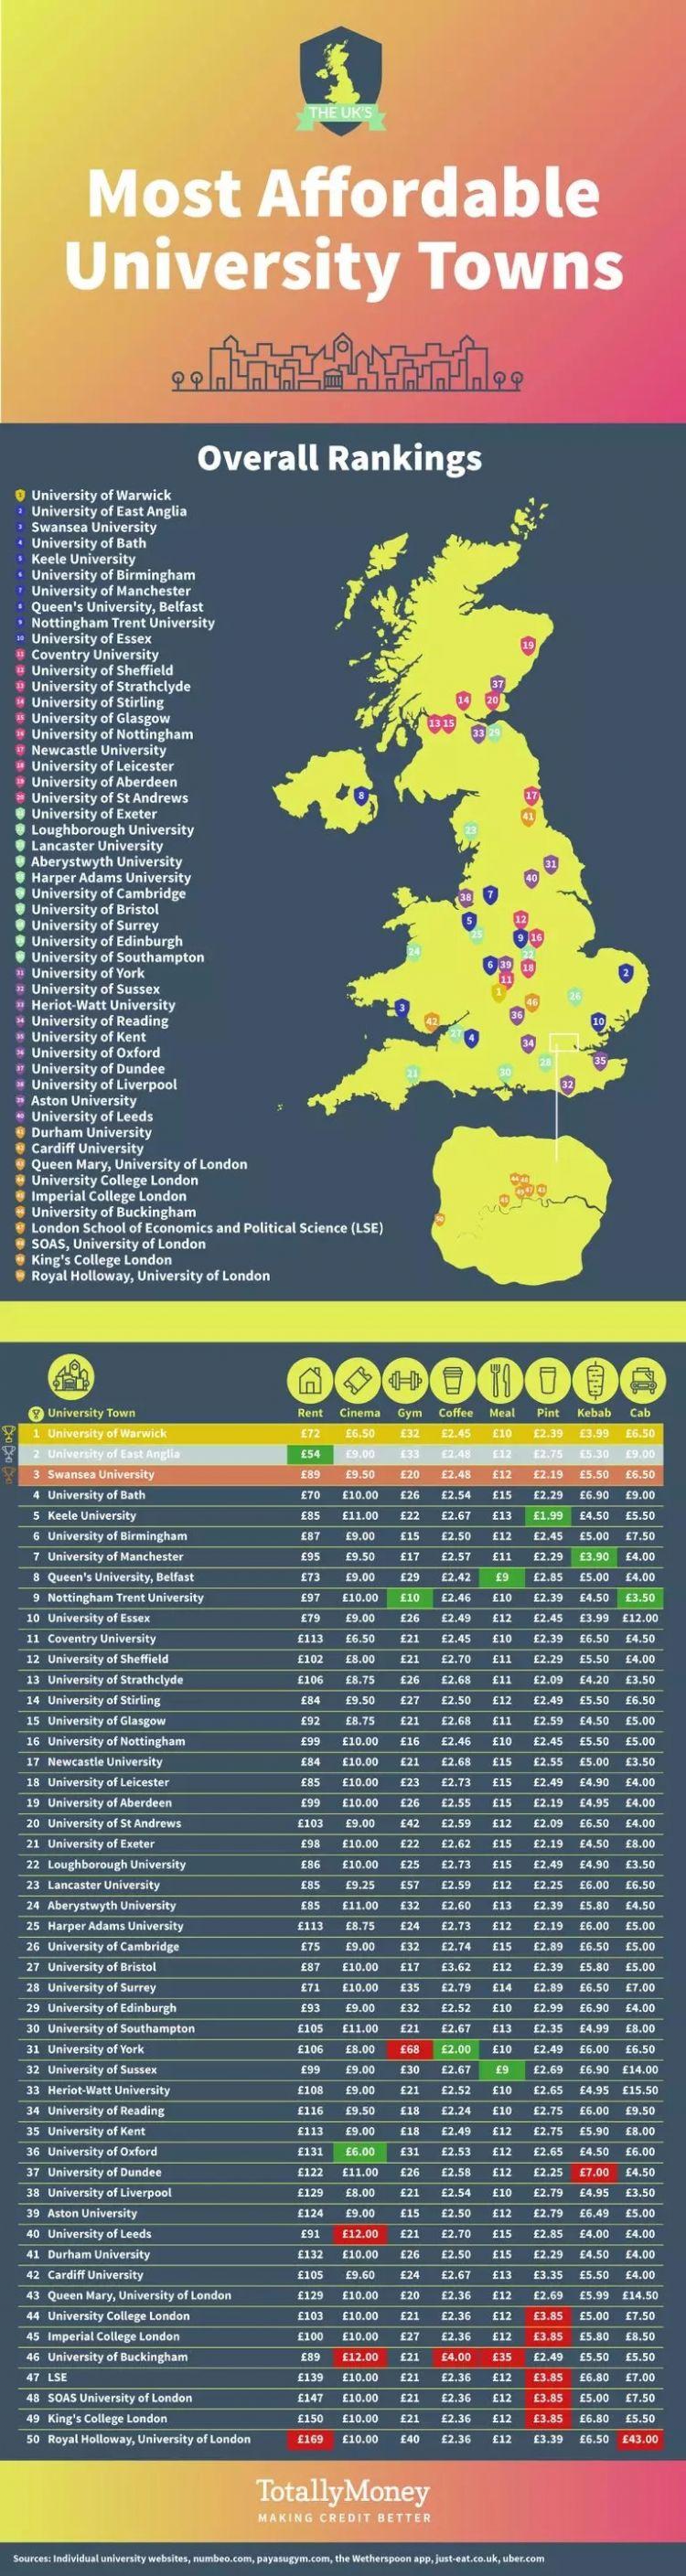 英国生活成本最低的50座大学城